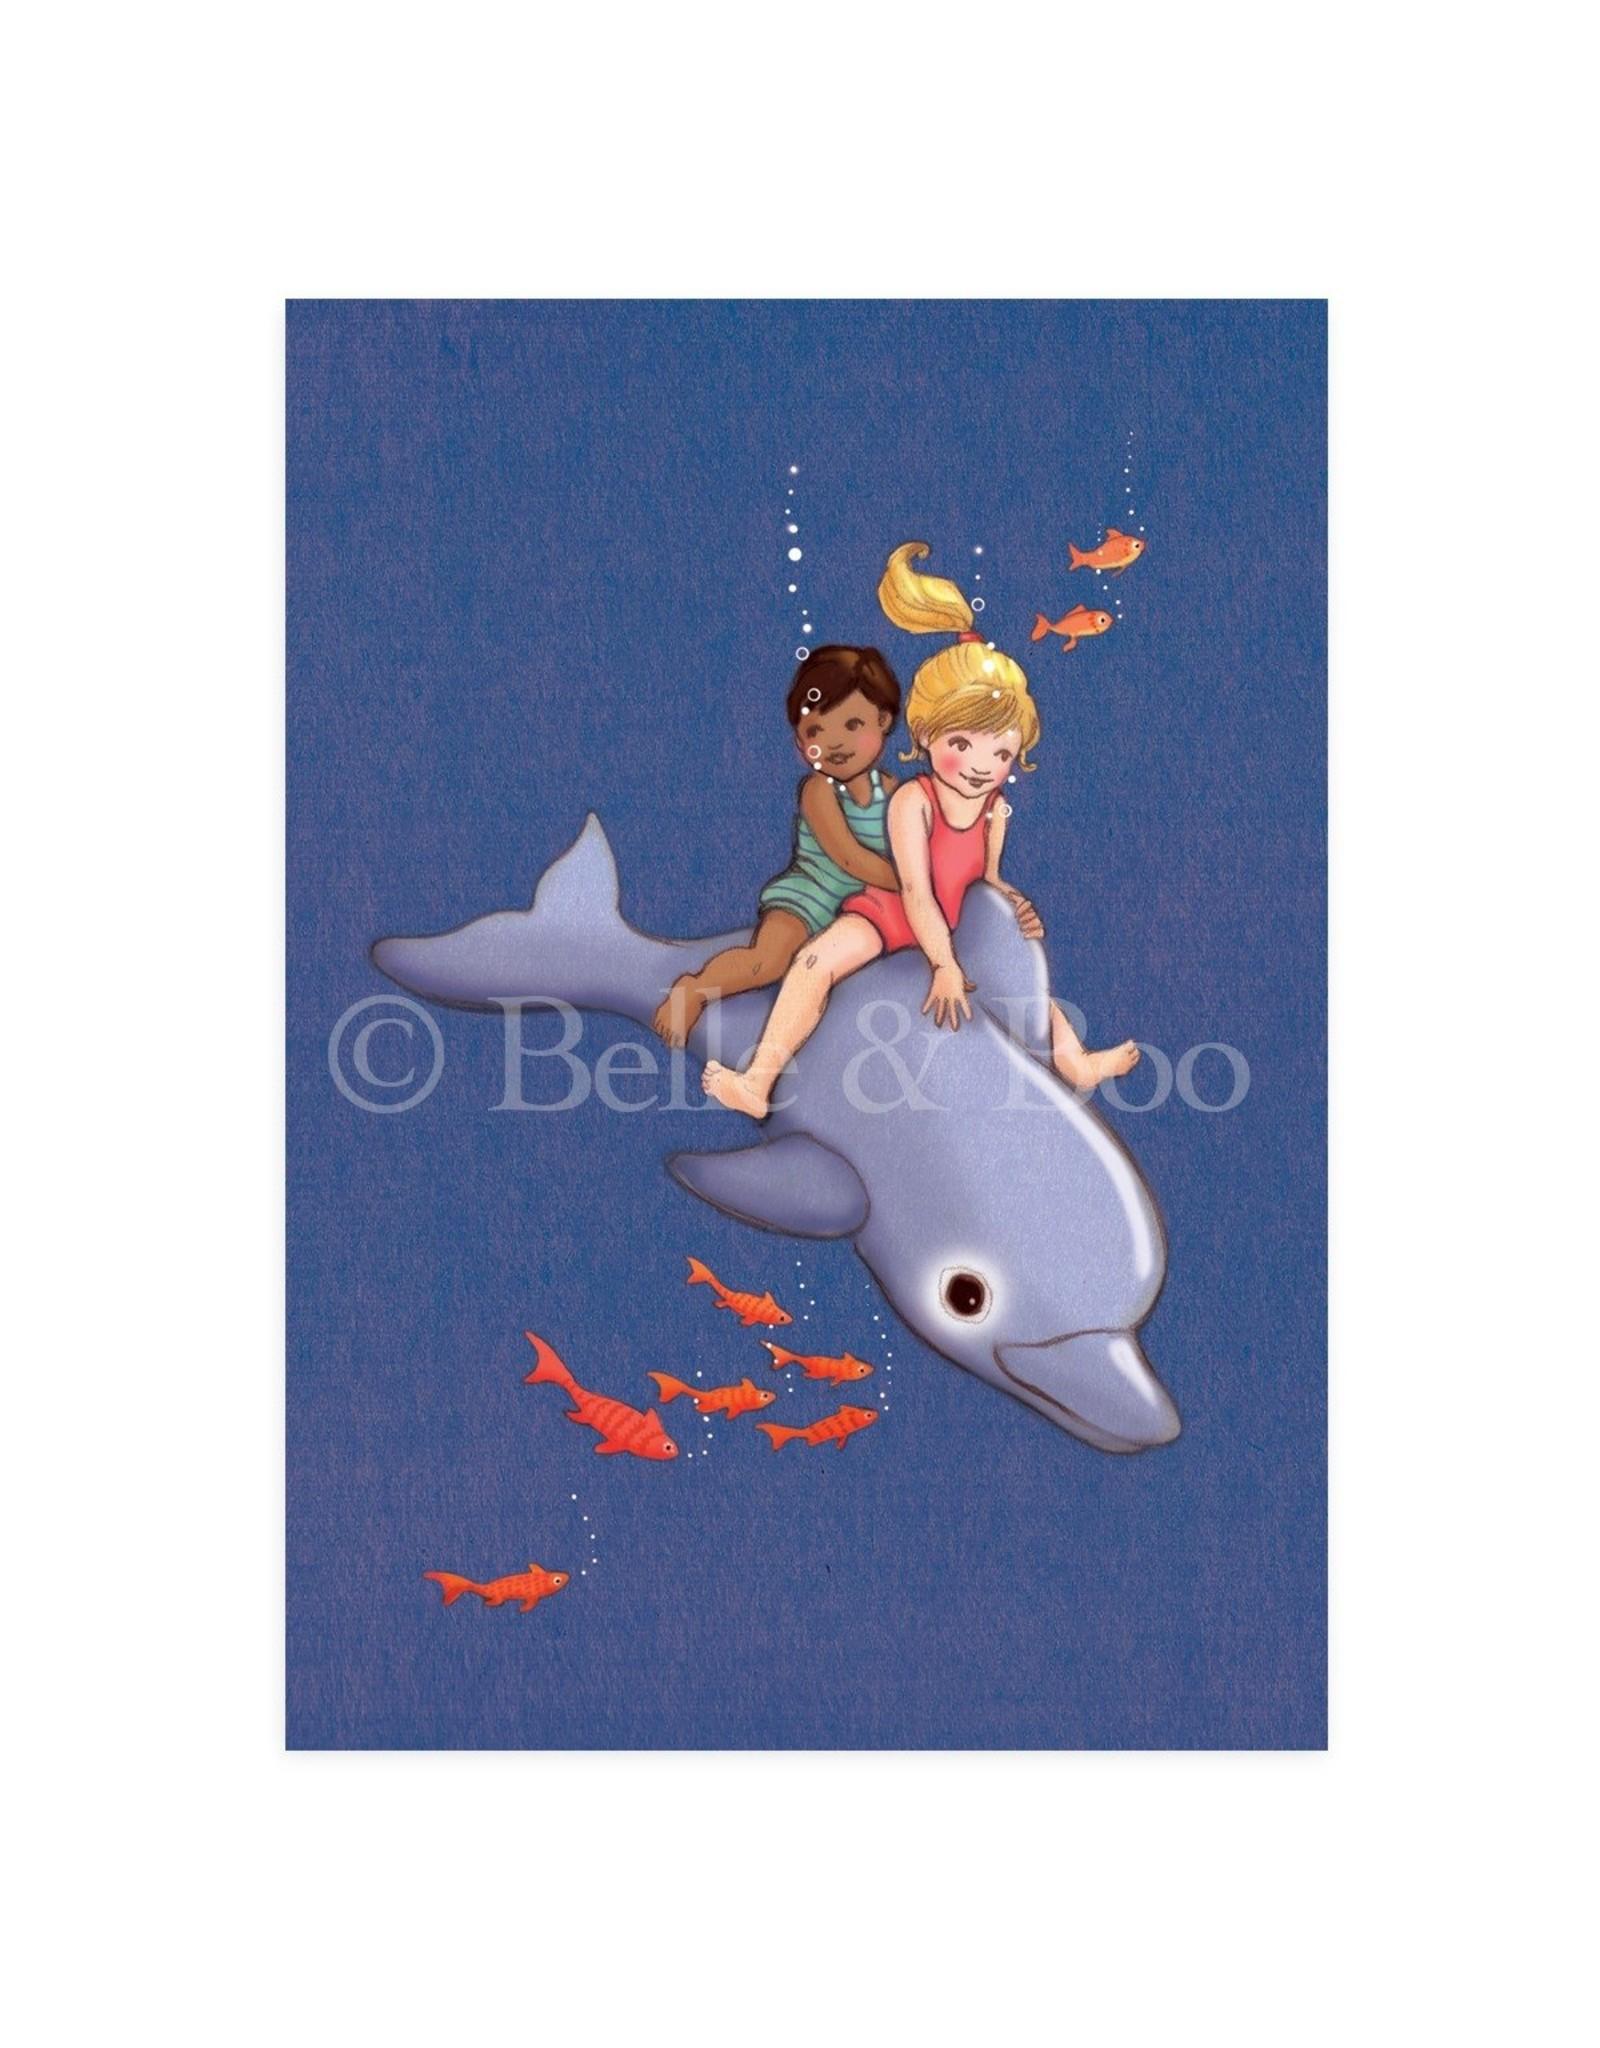 Belle & Boo kaart - dolfijnen avontuur